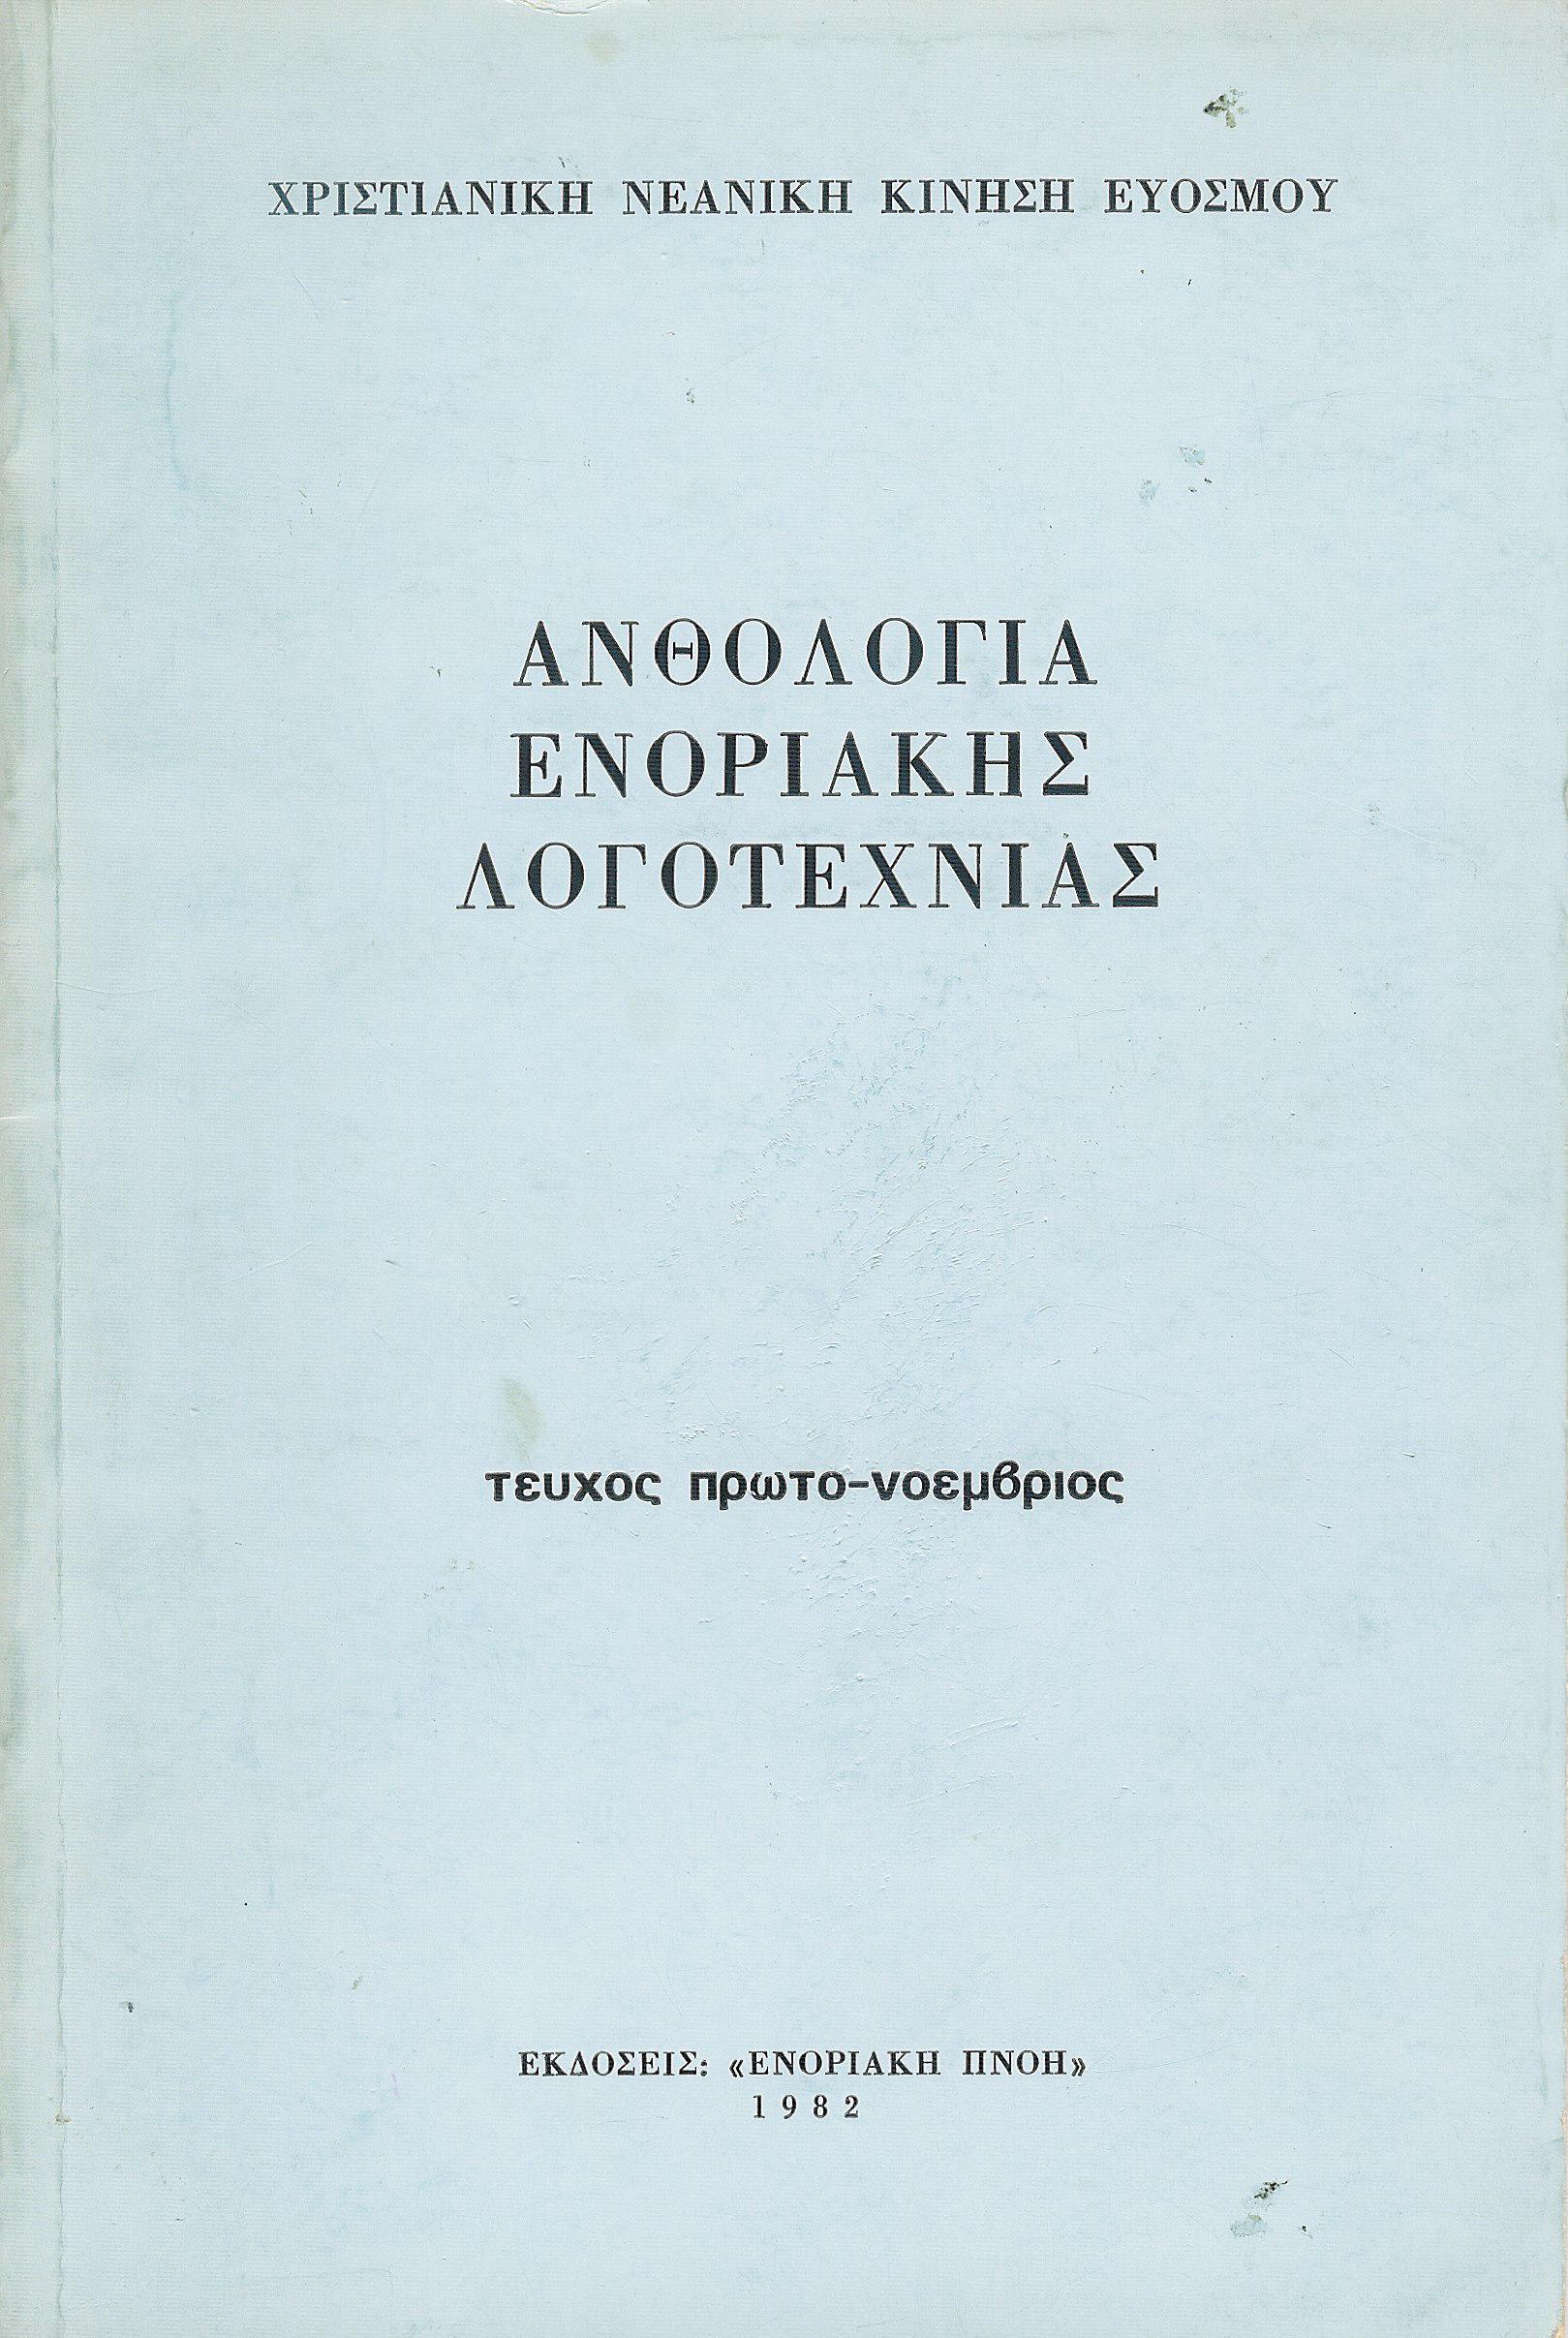 Ανθολογία Ενοριακής Λογοτεχνίας